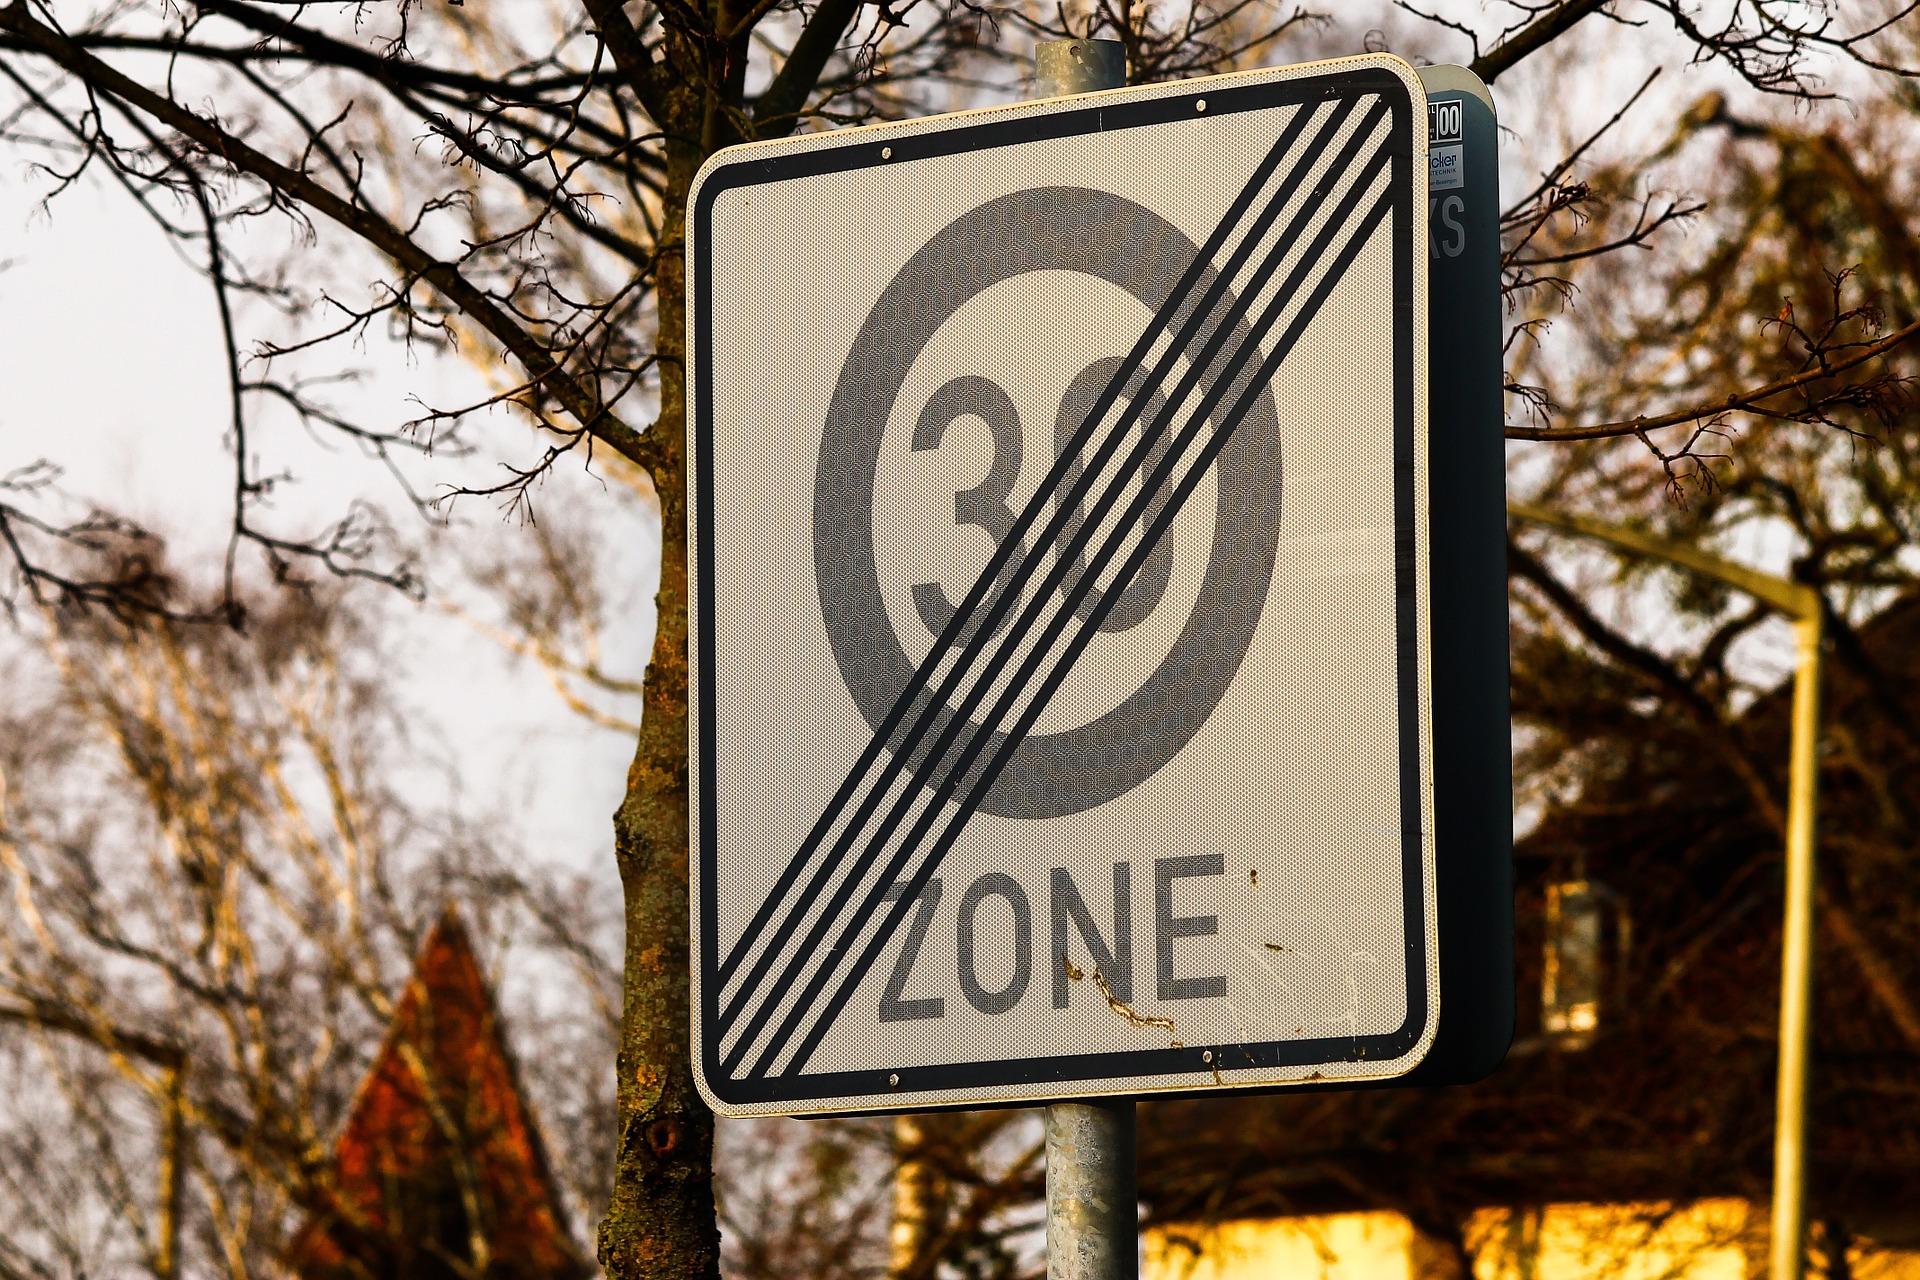 Ab diesem Schild gilt: Joint aus!